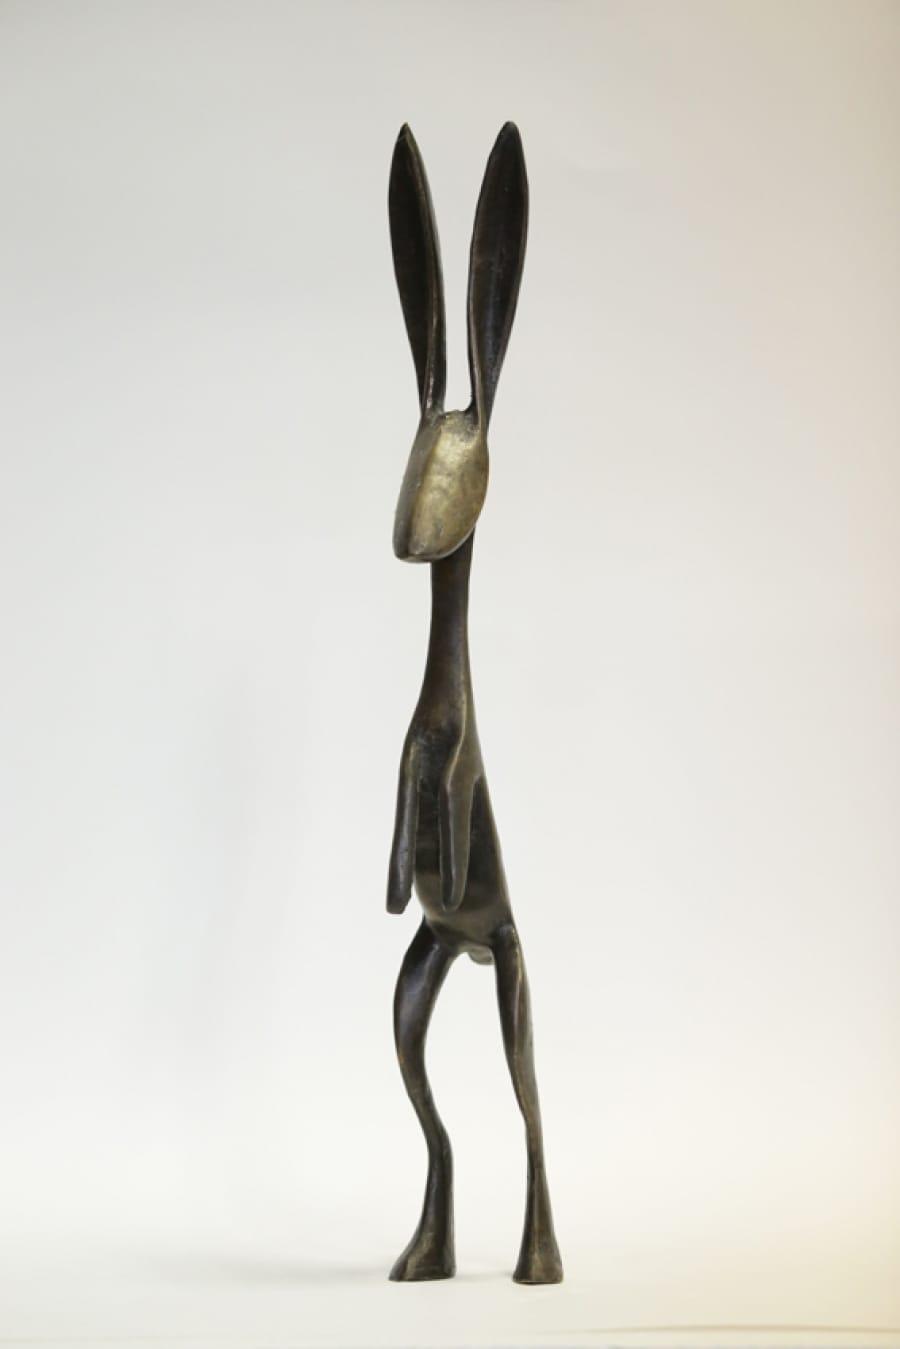 Kunst: Cuwaert van kunstenaar Albert Kramer